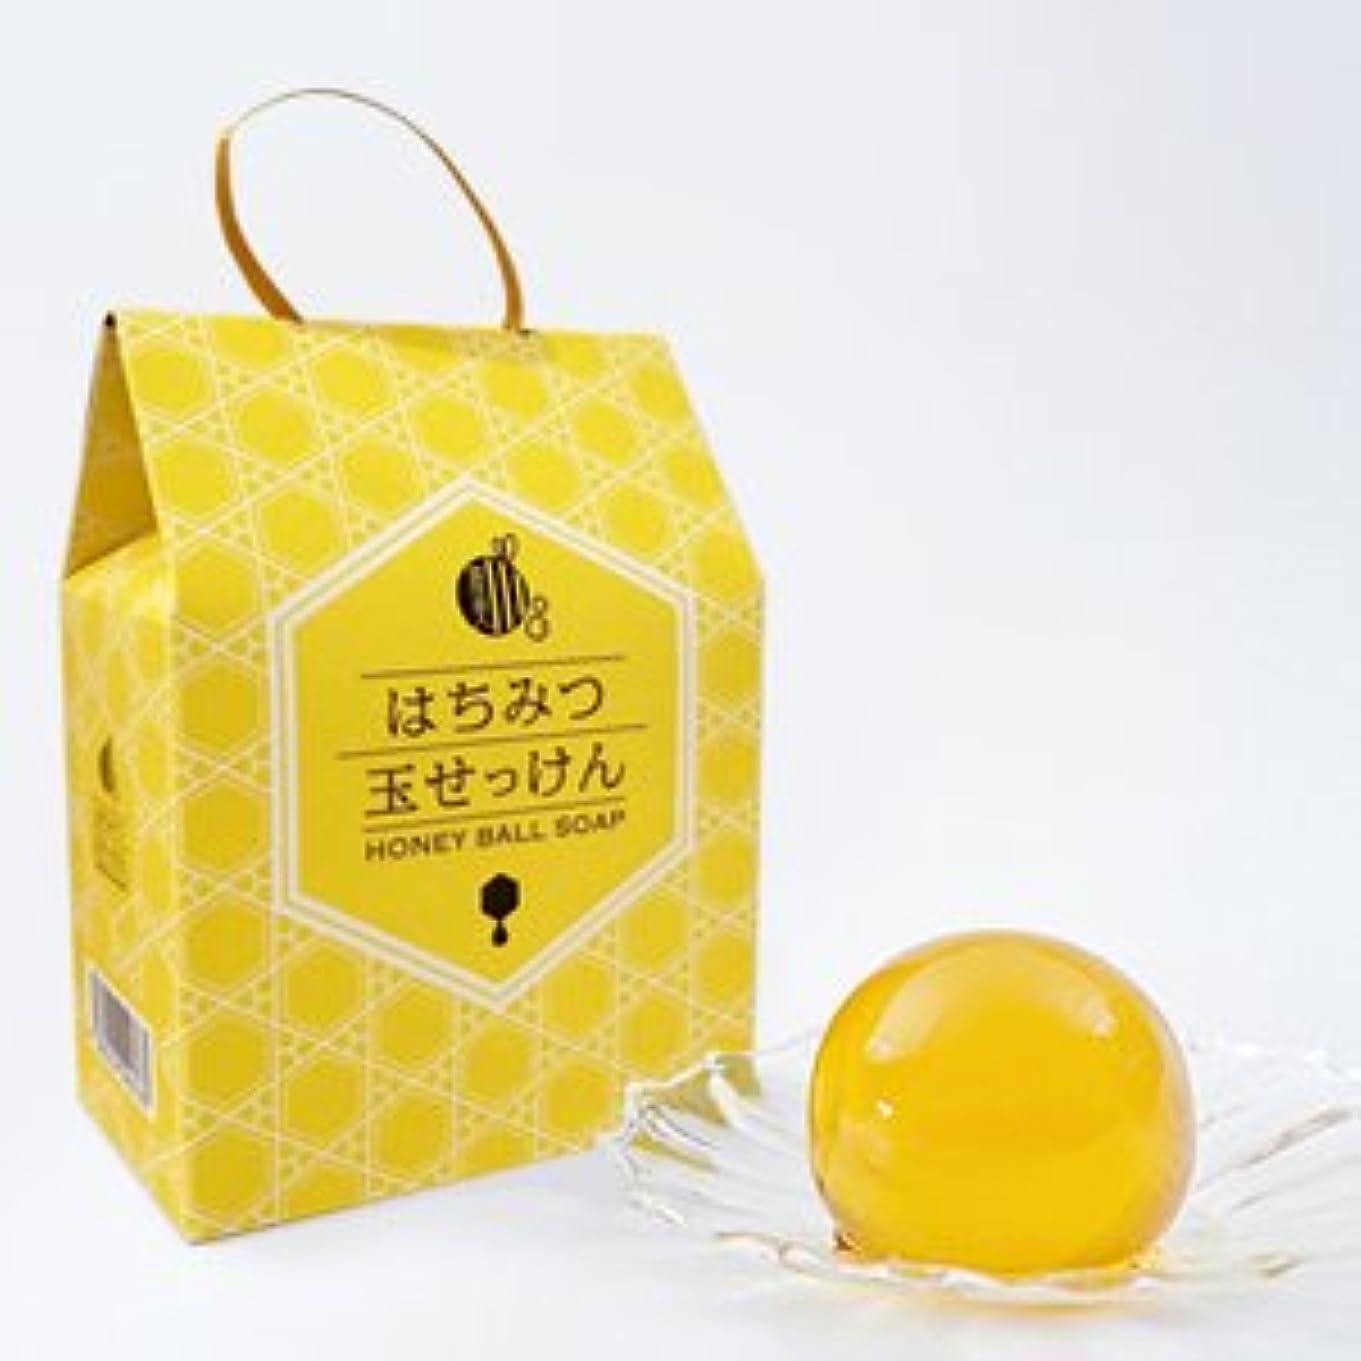 畝間香水適切な蜜美はちみつ玉せっけん 100g 泡立てネット付